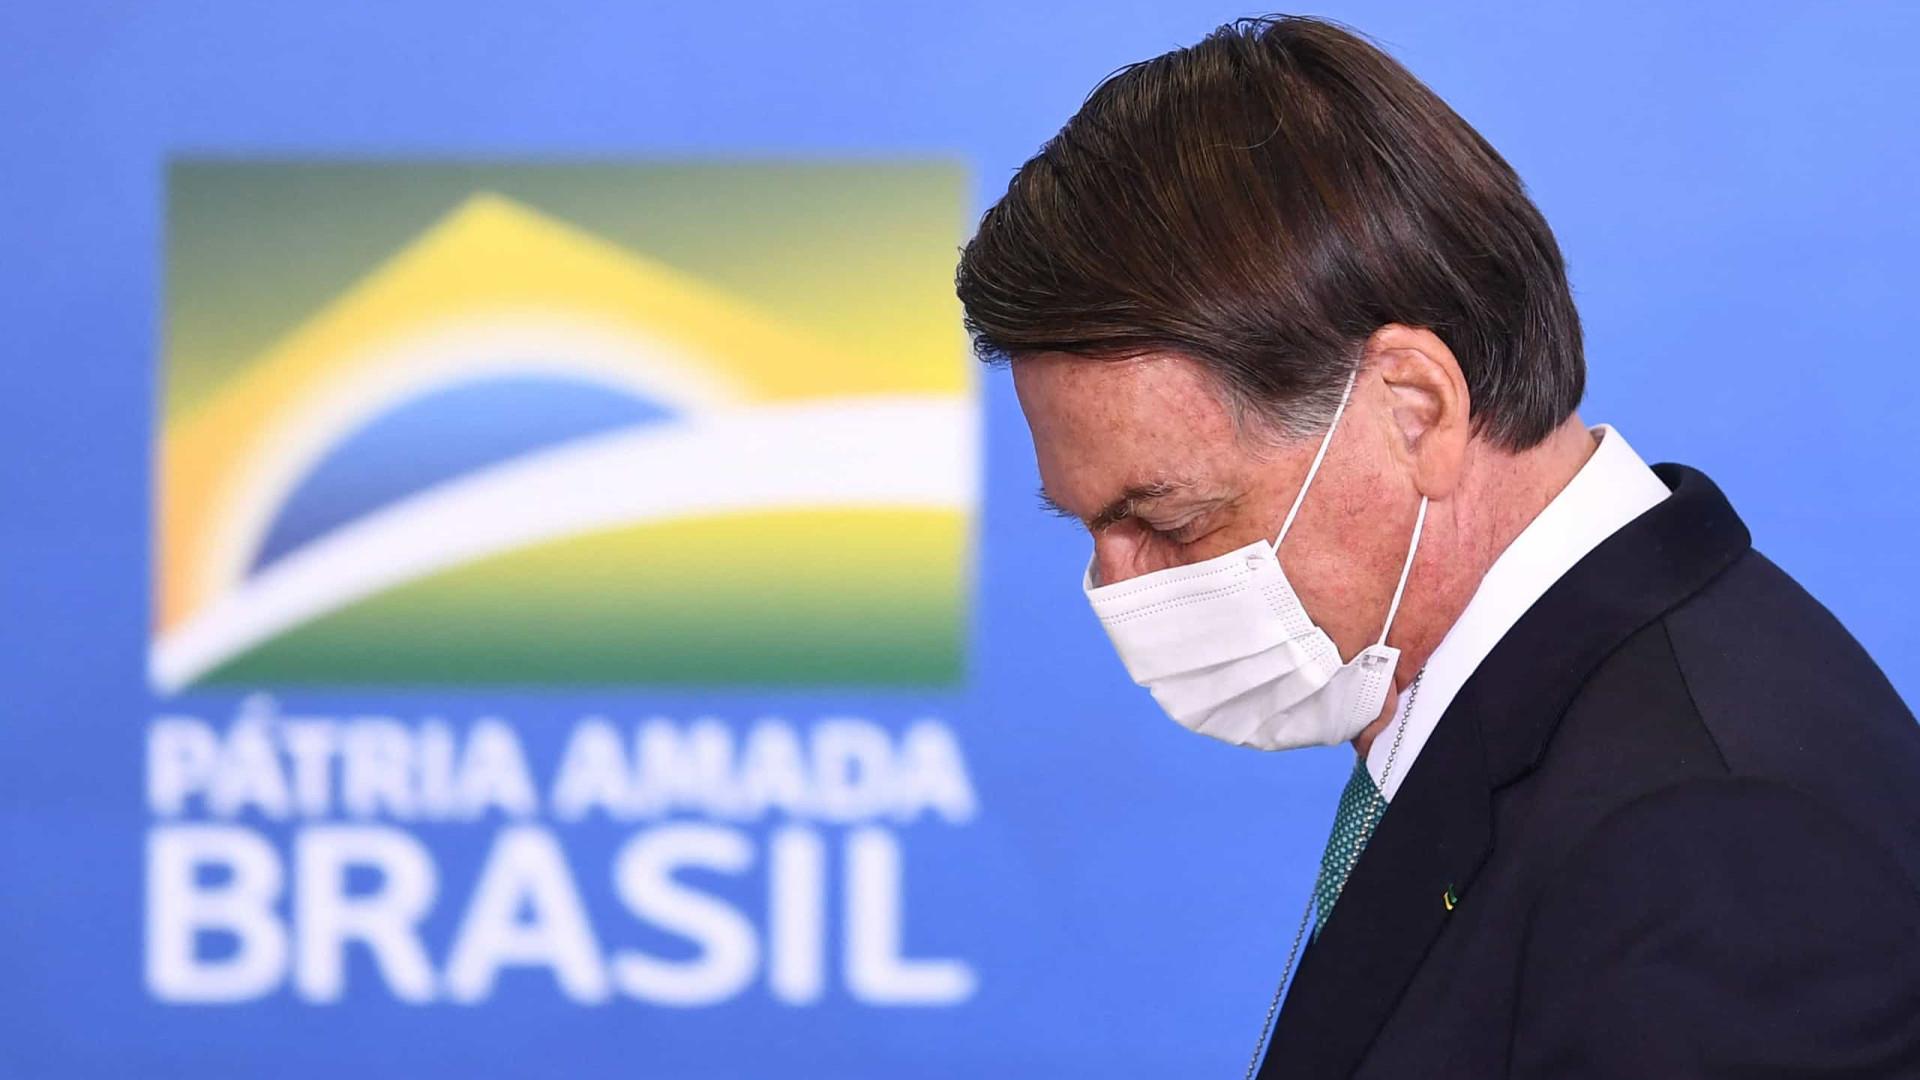 Com denúncias, Bolsonaro se vê cercado por ataques